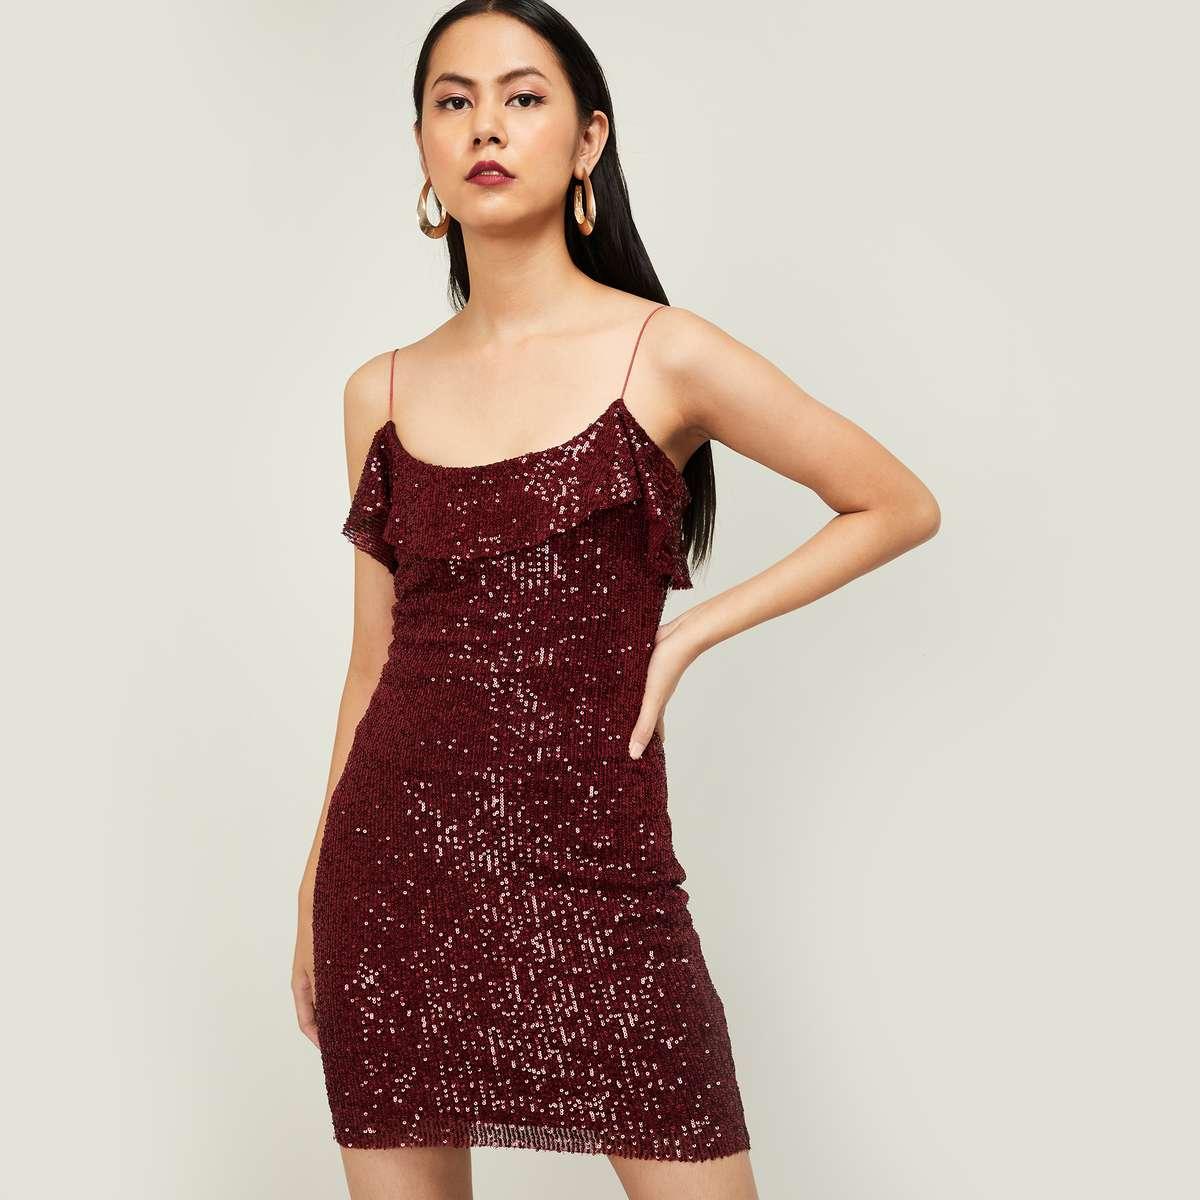 GINGER Women Sequinned Sleeveless Bodycon Dress